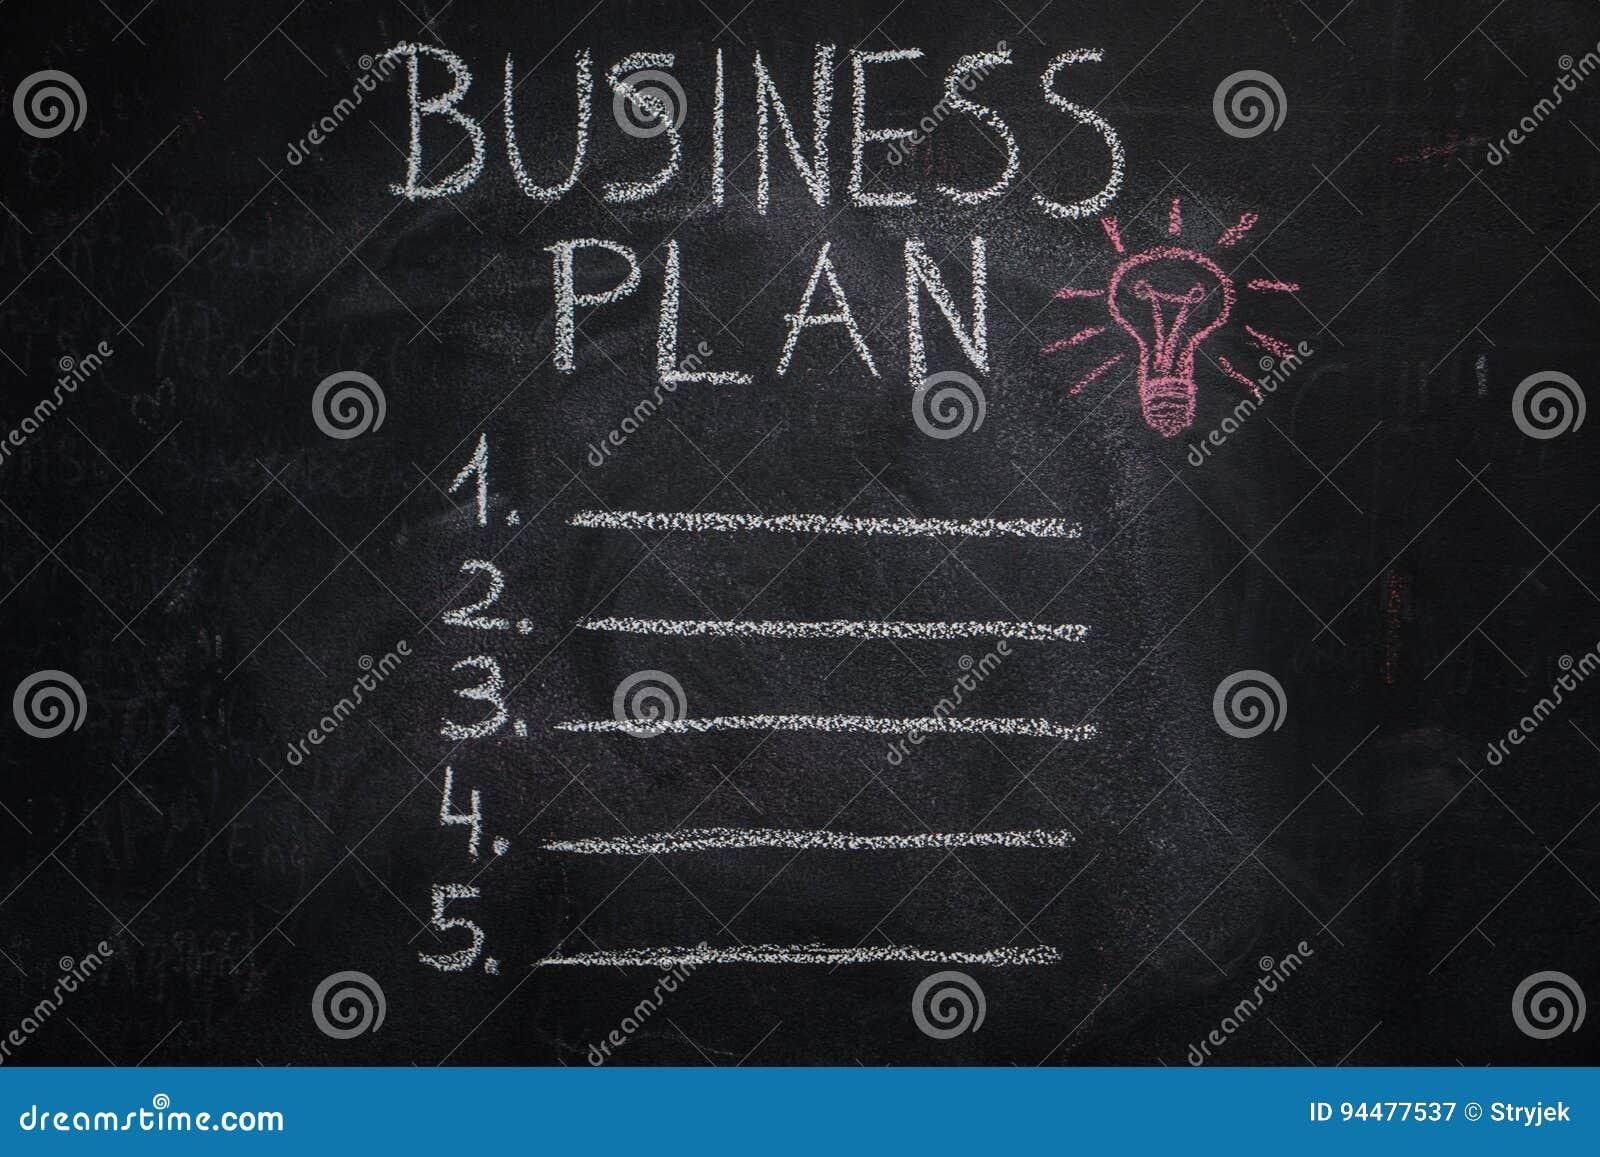 Бизнес план на лампочек бизнес идея с тайвань